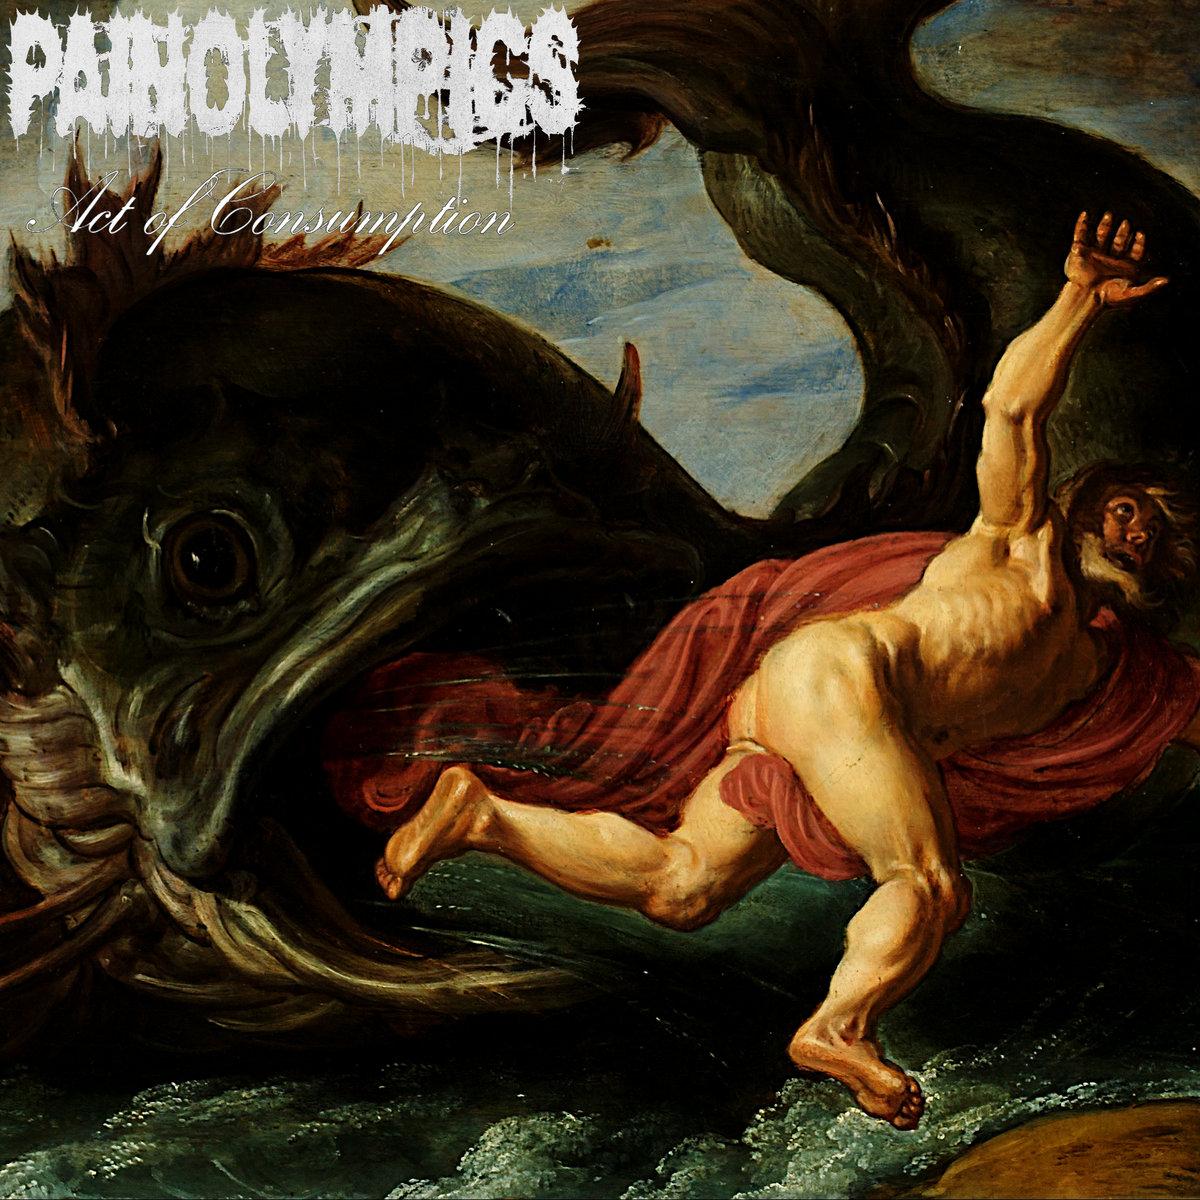 pain olympics